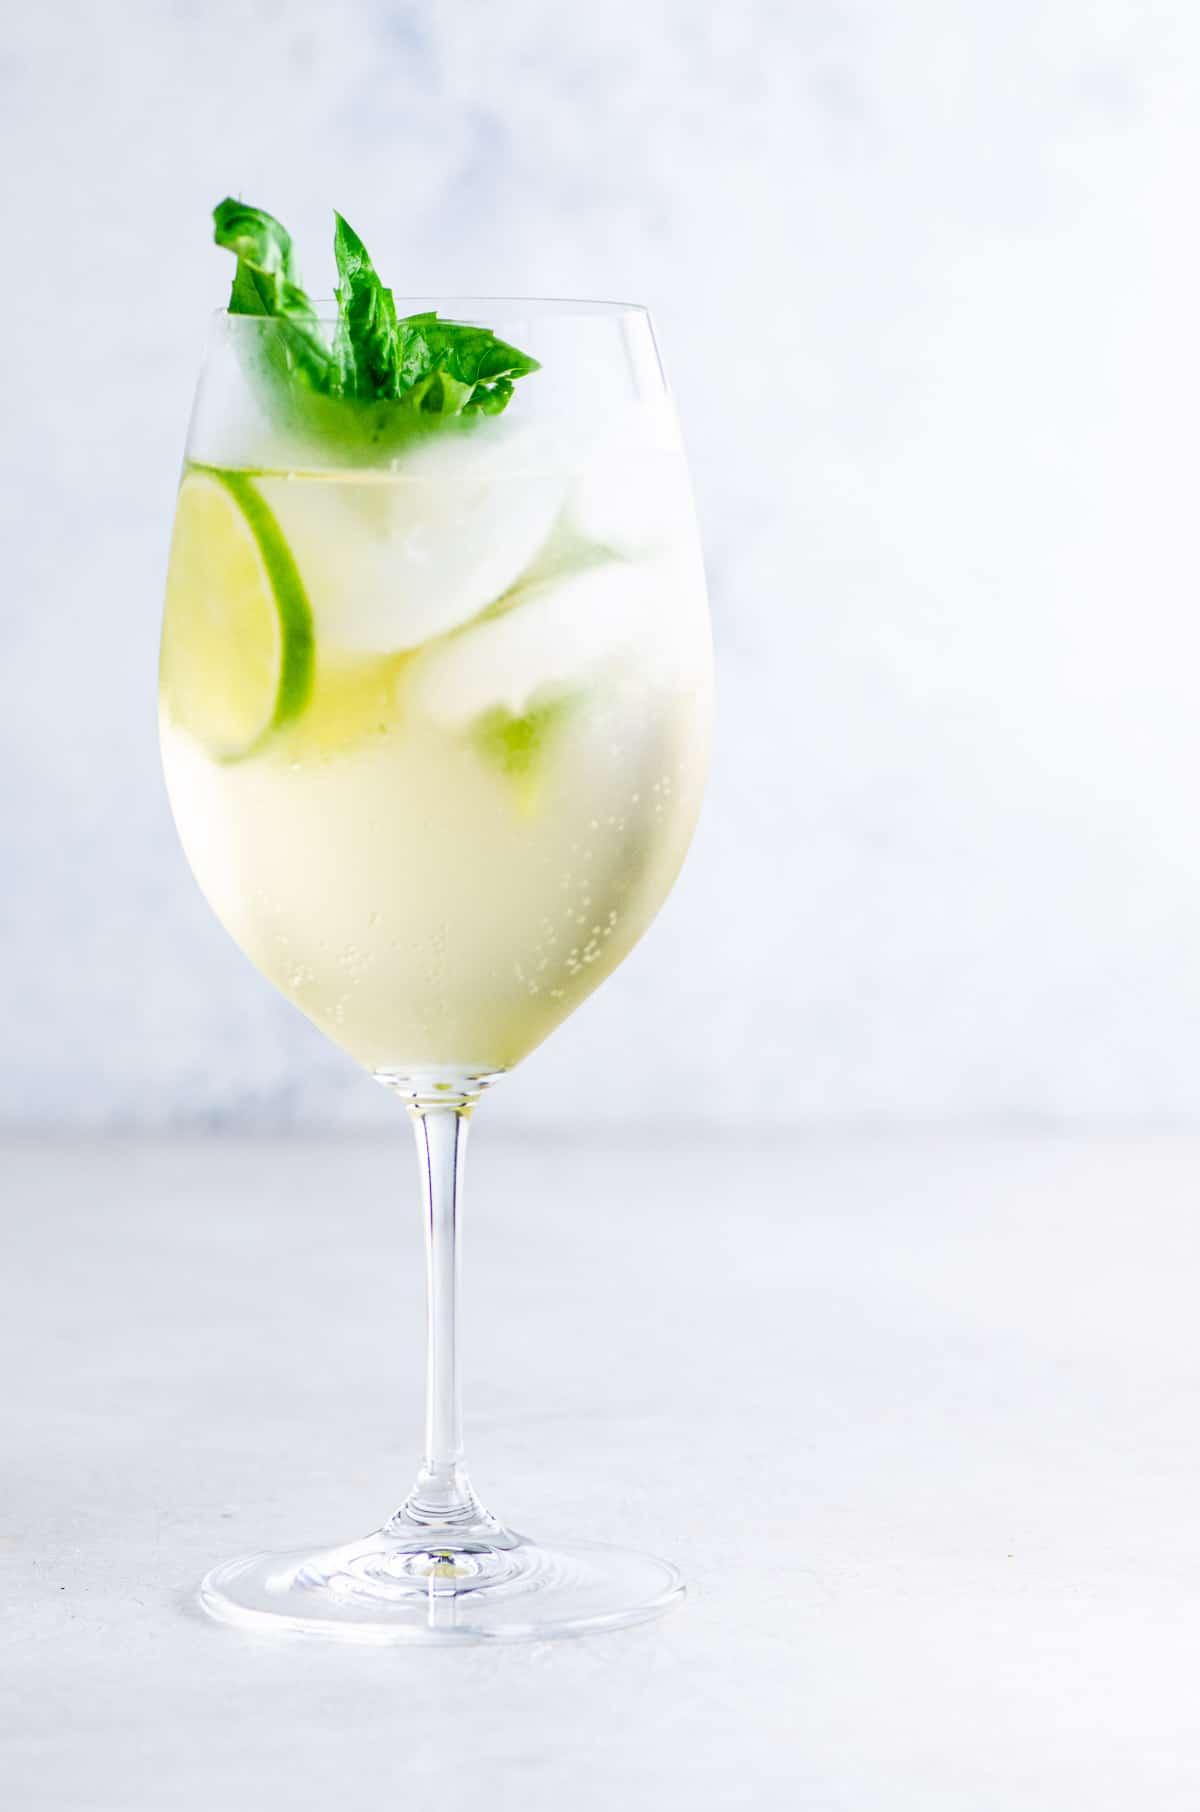 Hugo Spritz sparkling elderflower cocktail in a glass